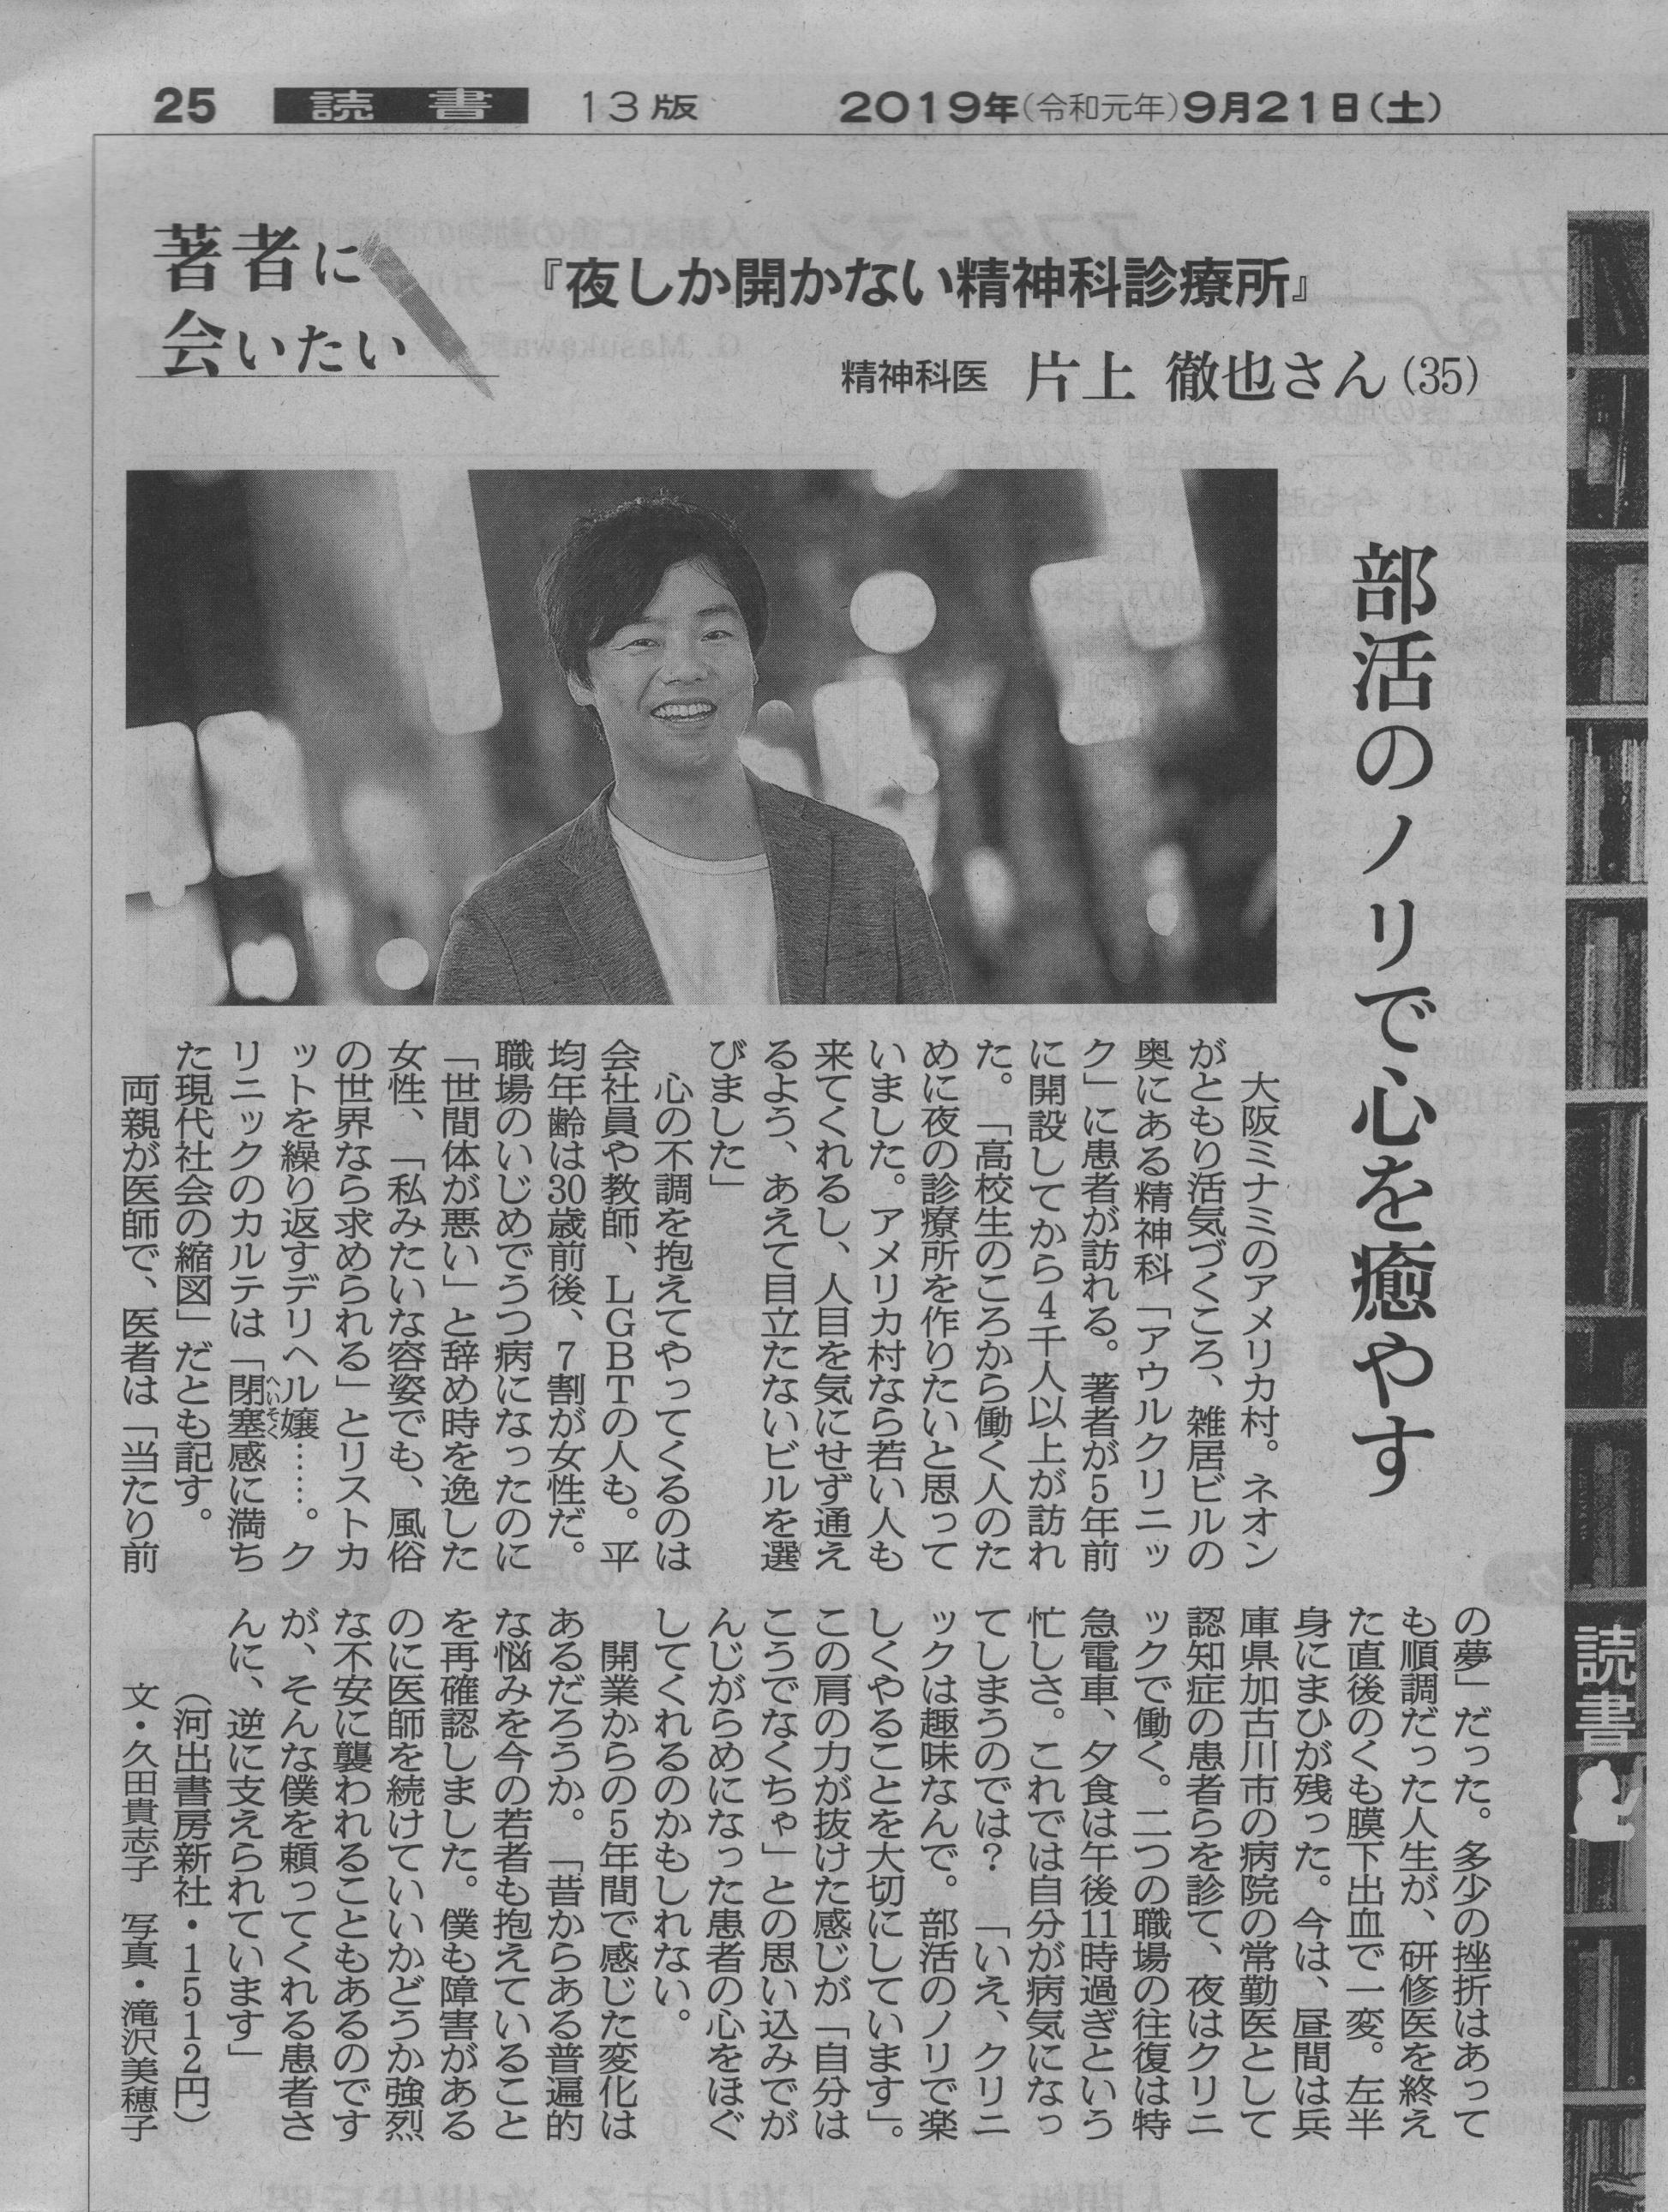 掲載媒体:朝日新聞 朝刊 記事名:(著者に会いたい)『夜しか開かない精神科診療所』 片上徹也さん